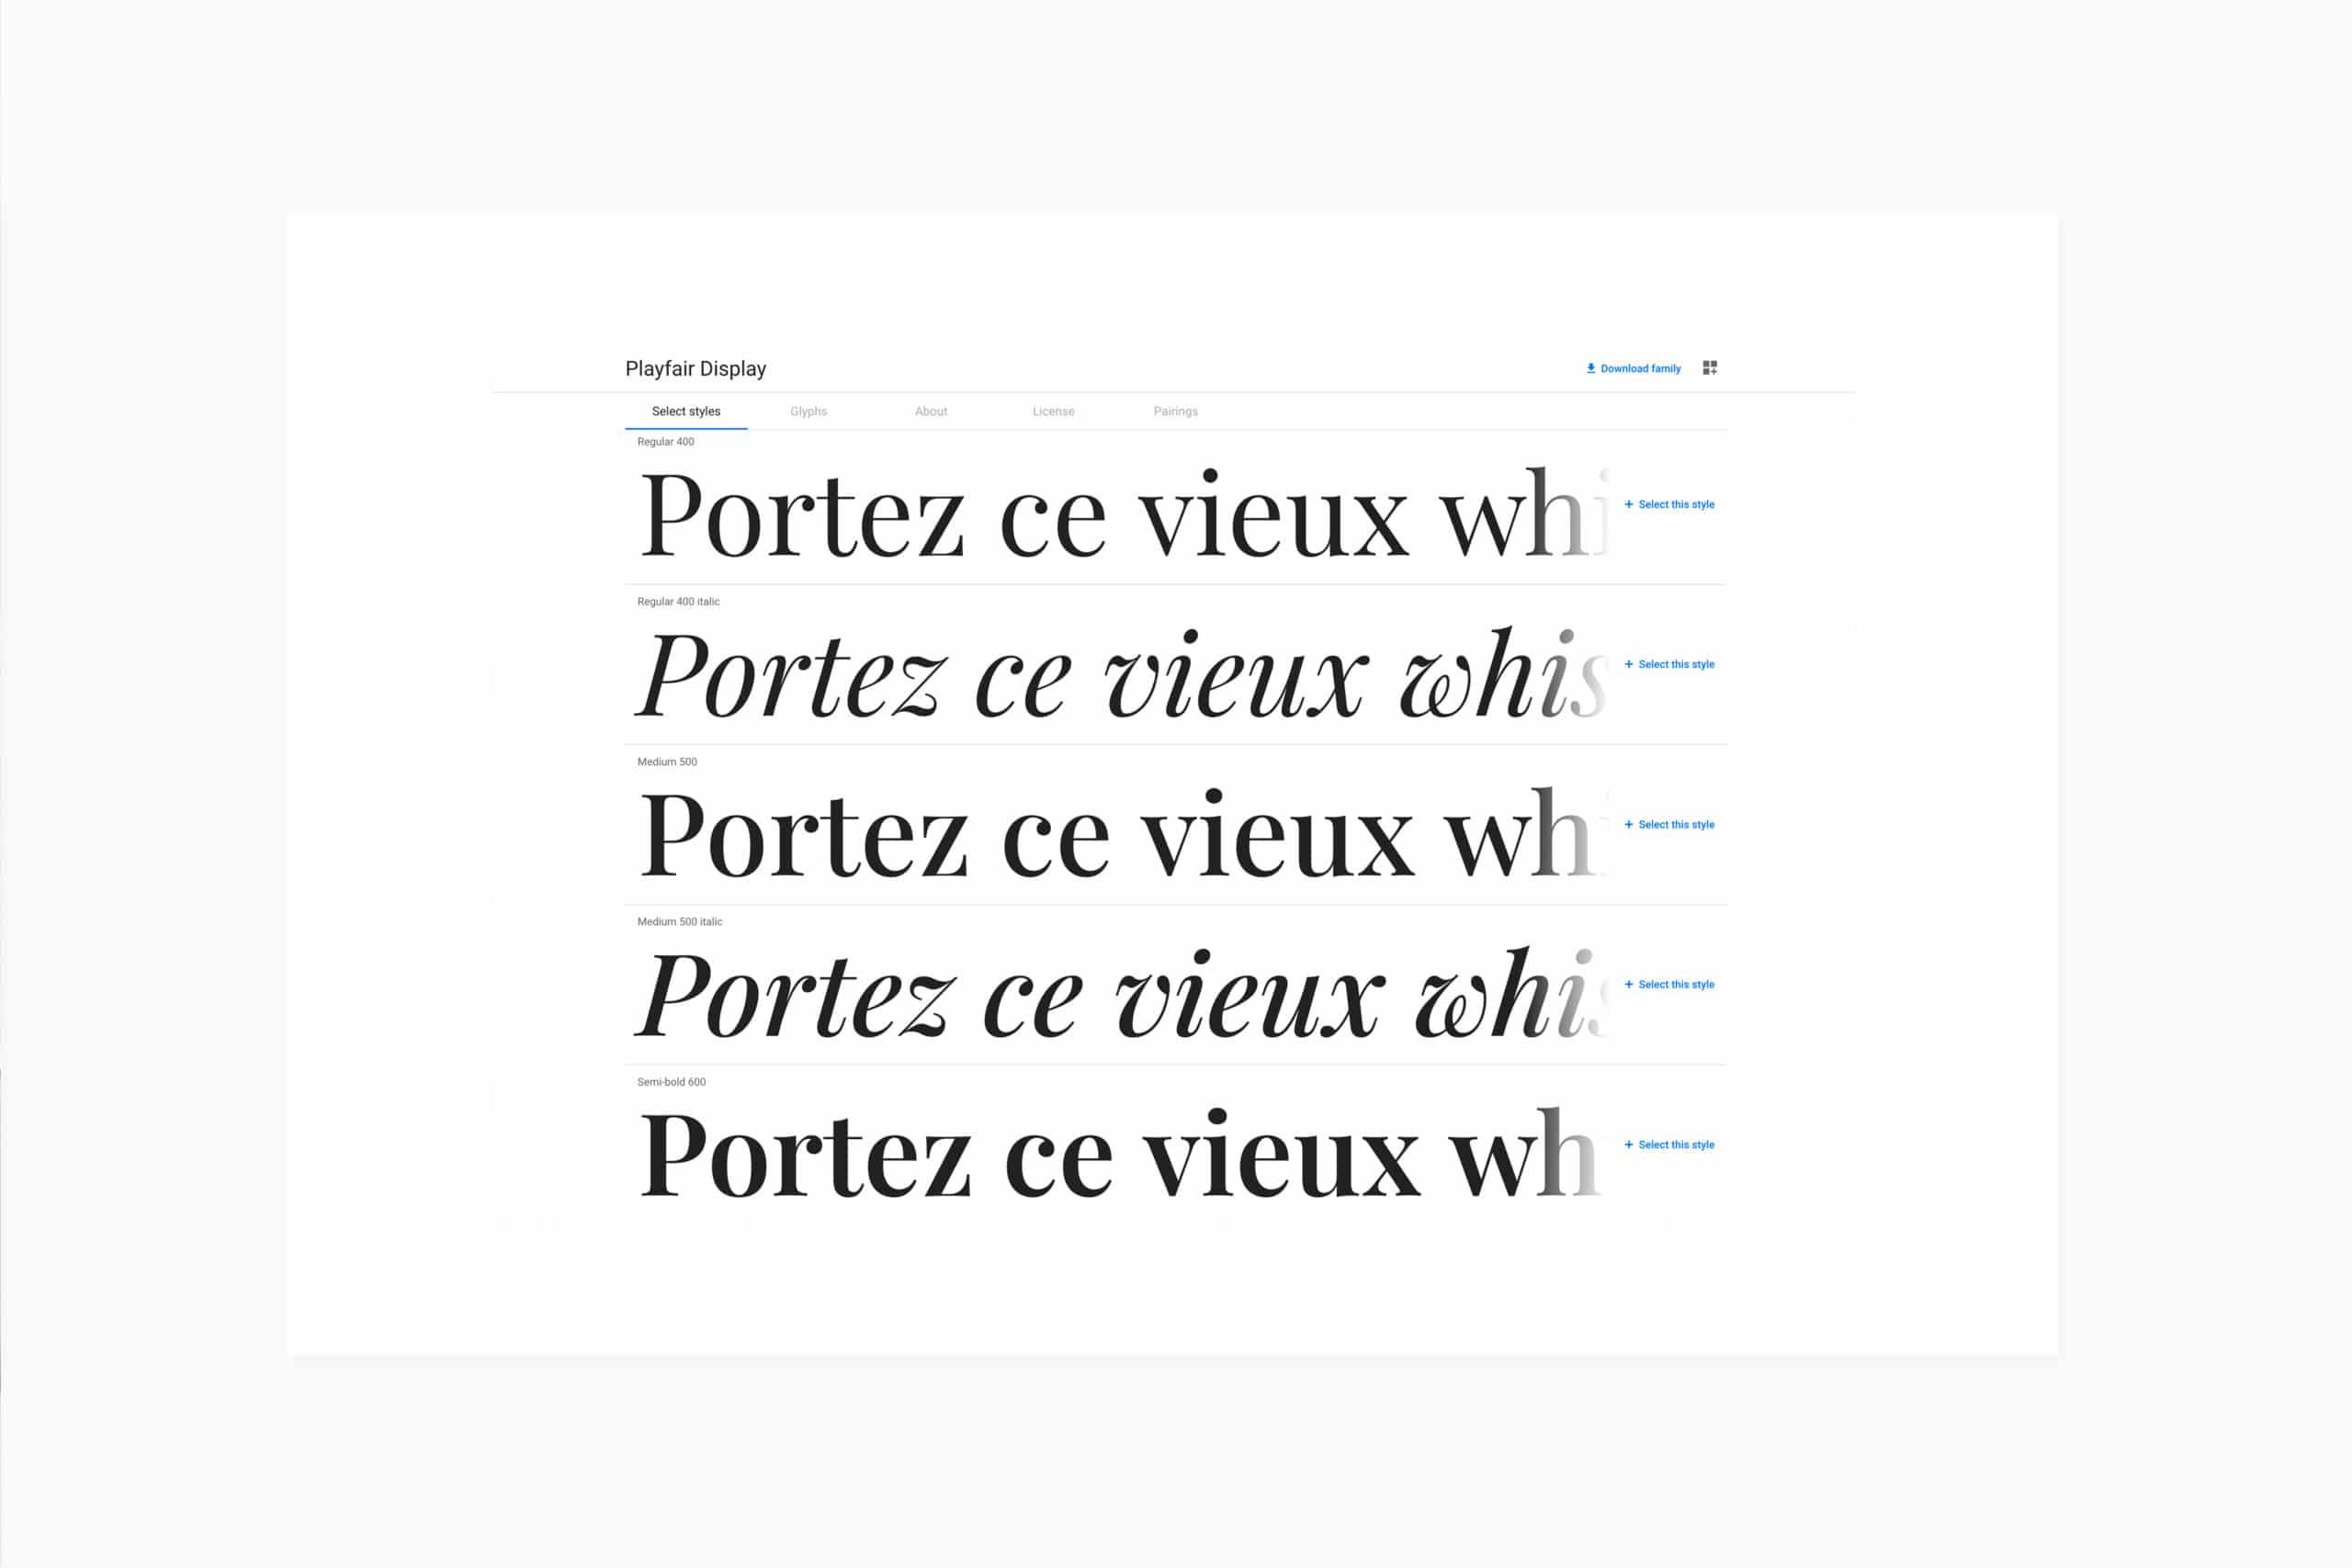 feuille blanche sur fond gris clair présentant la typographie Playfair Display